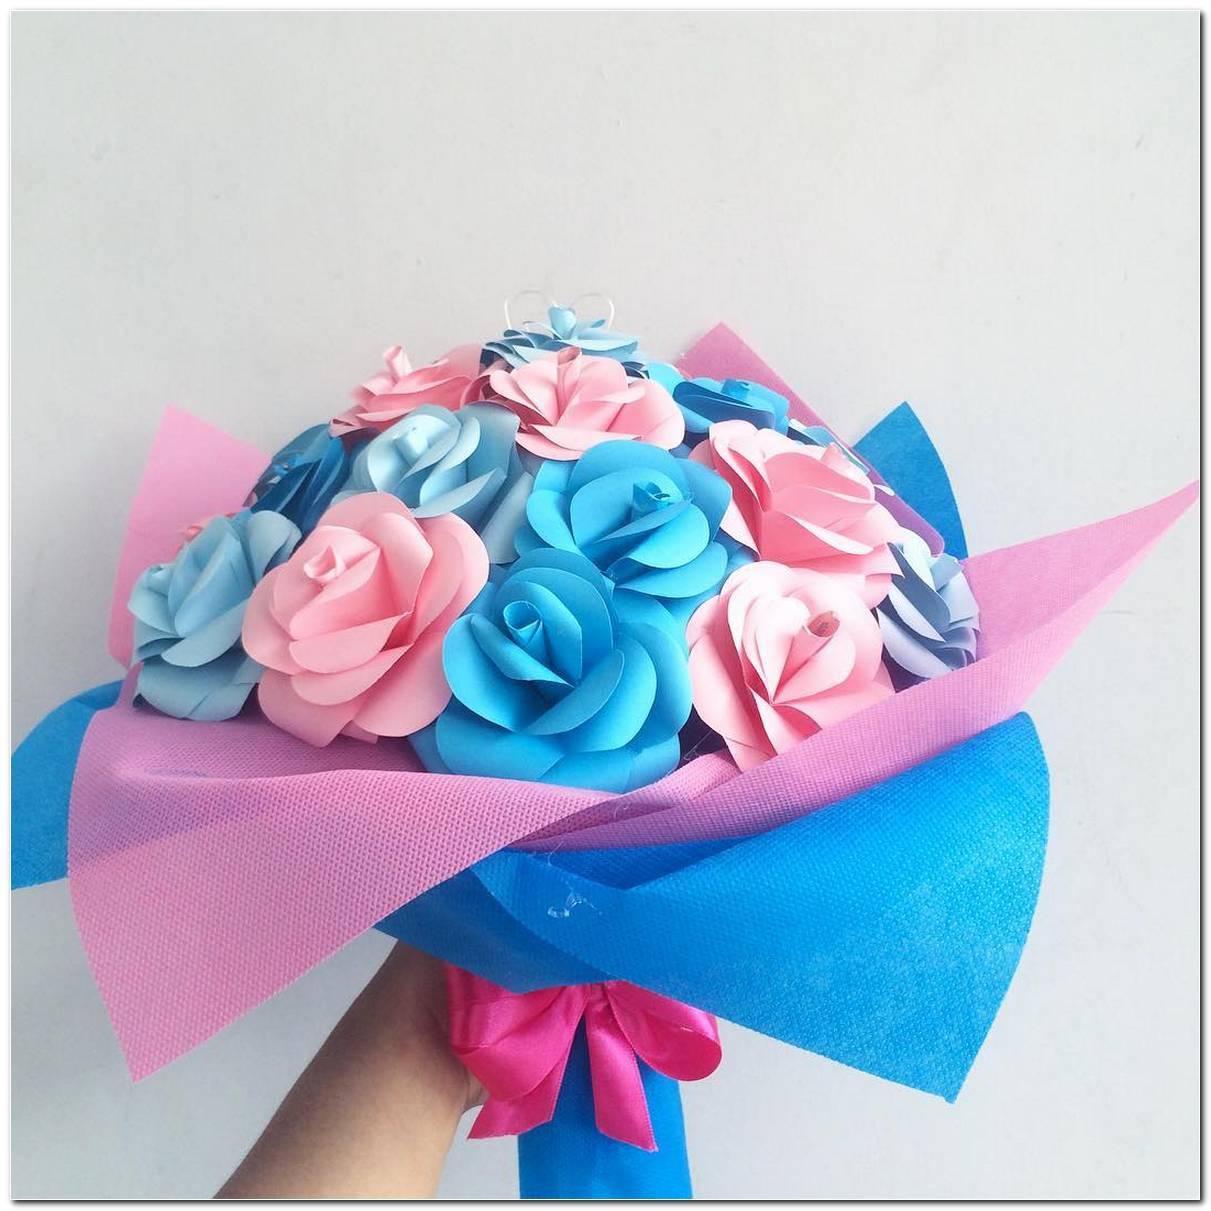 Flores De Papel Descubra Como Fazer Com Tutoriais Passo A Passo E 65 Ideias